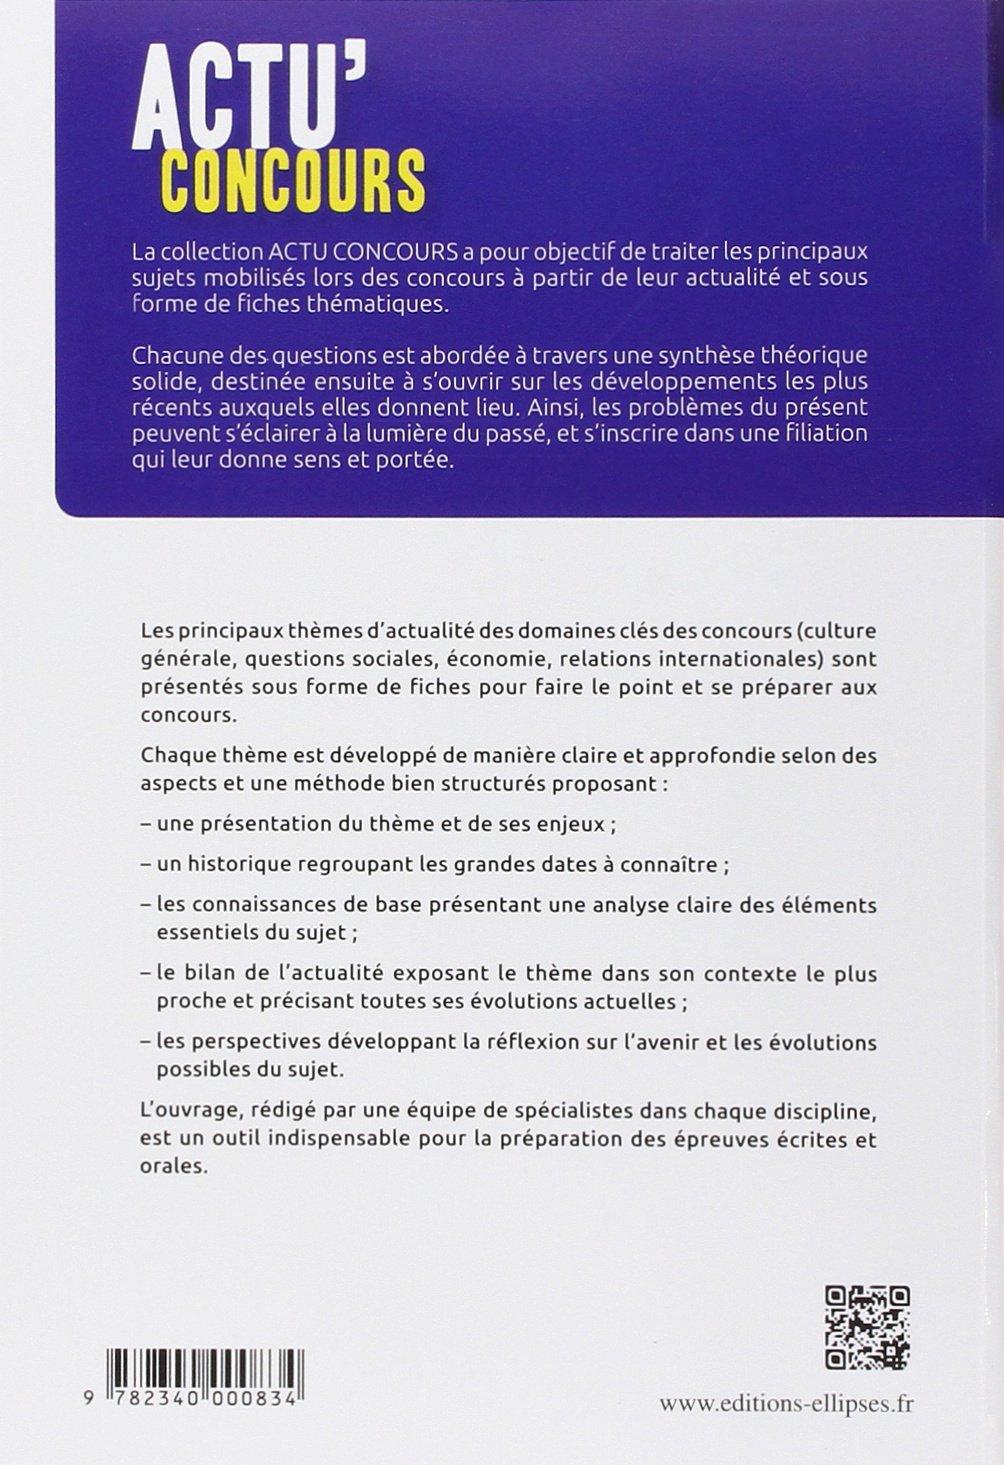 Thèmes essentiels dactualité (Actu Concours): Amazon.es: Philippe Solal, Pierre-Jean Dessertine, Eddy Fougier, Collectif, Jean-Philippe Cavaillé: Libros ...